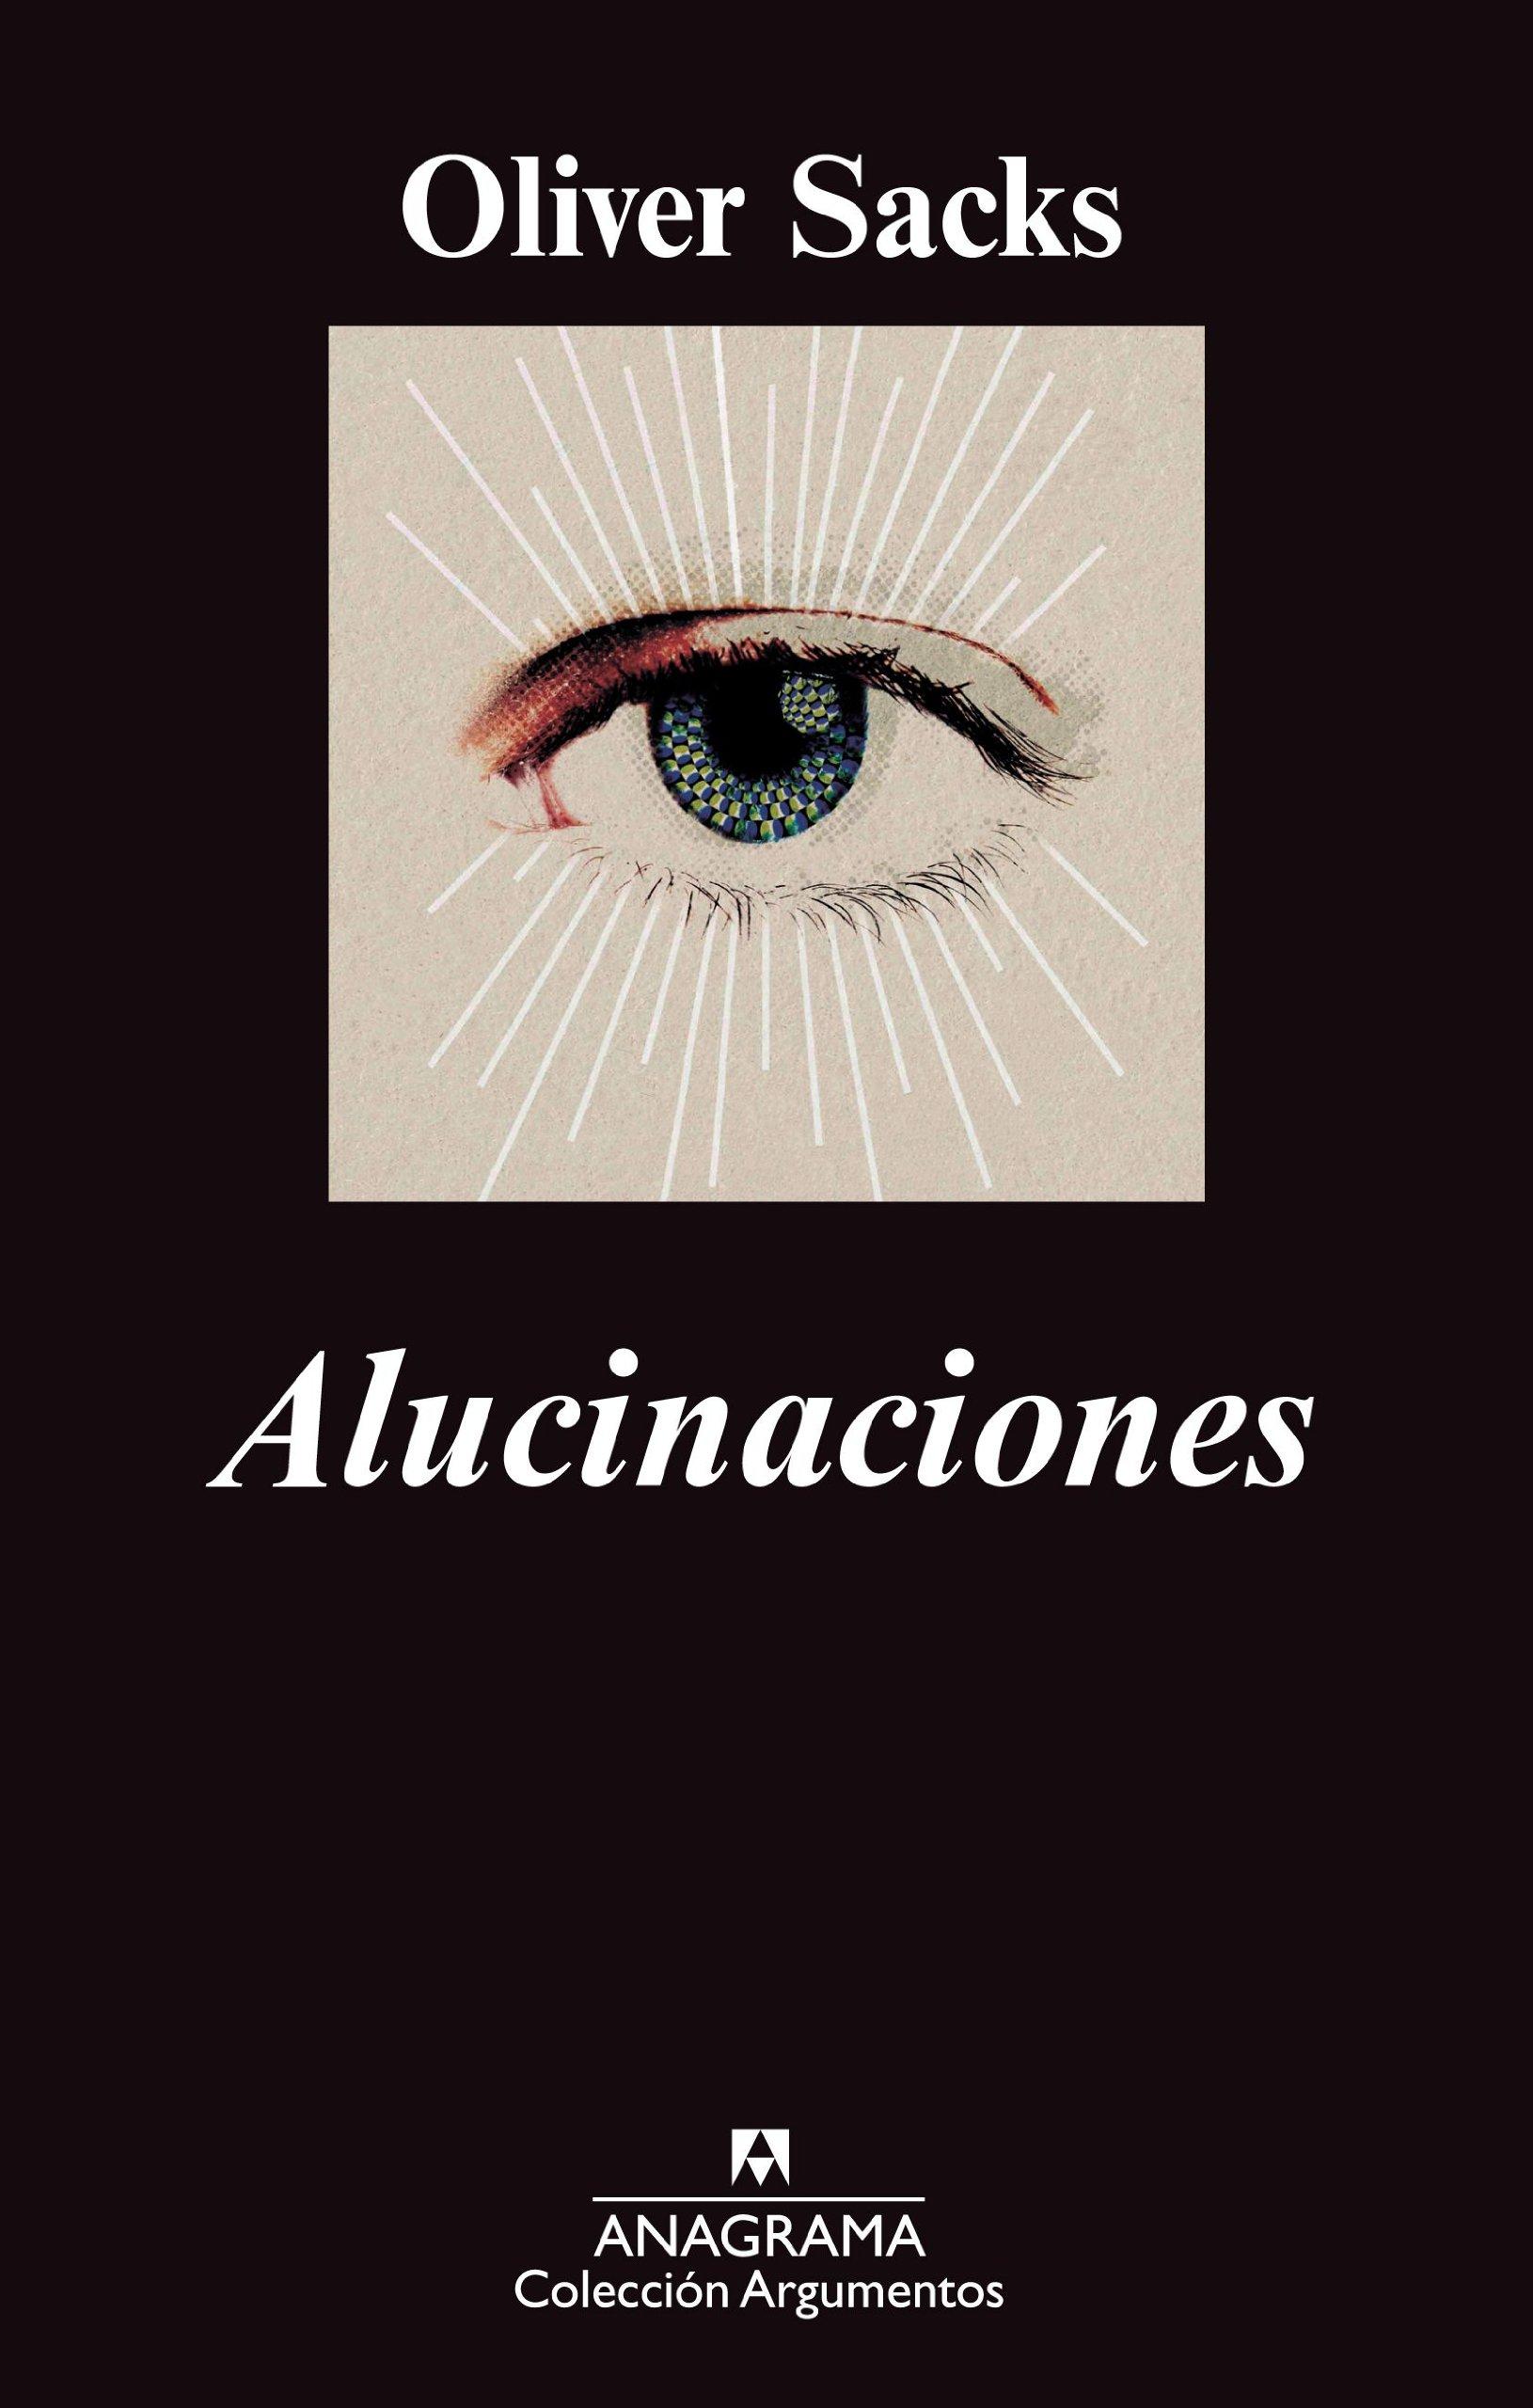 Read Online Alucinaciones (Coleccion Argumentos / Anagrama) (Spanish Edition) PDF